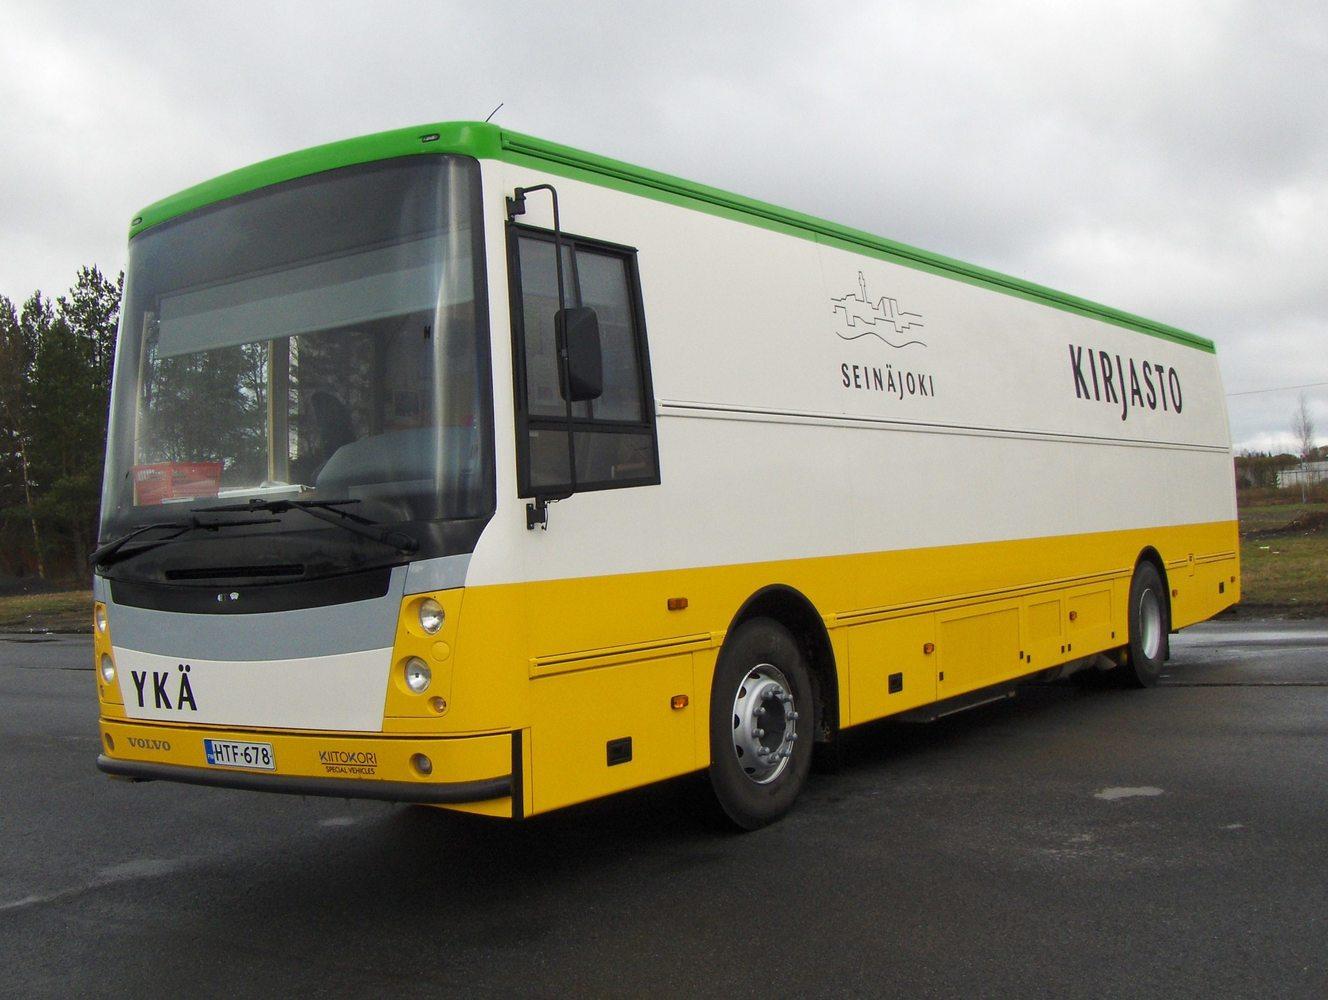 Kirjastoauto Ykä (Seinäjoki)